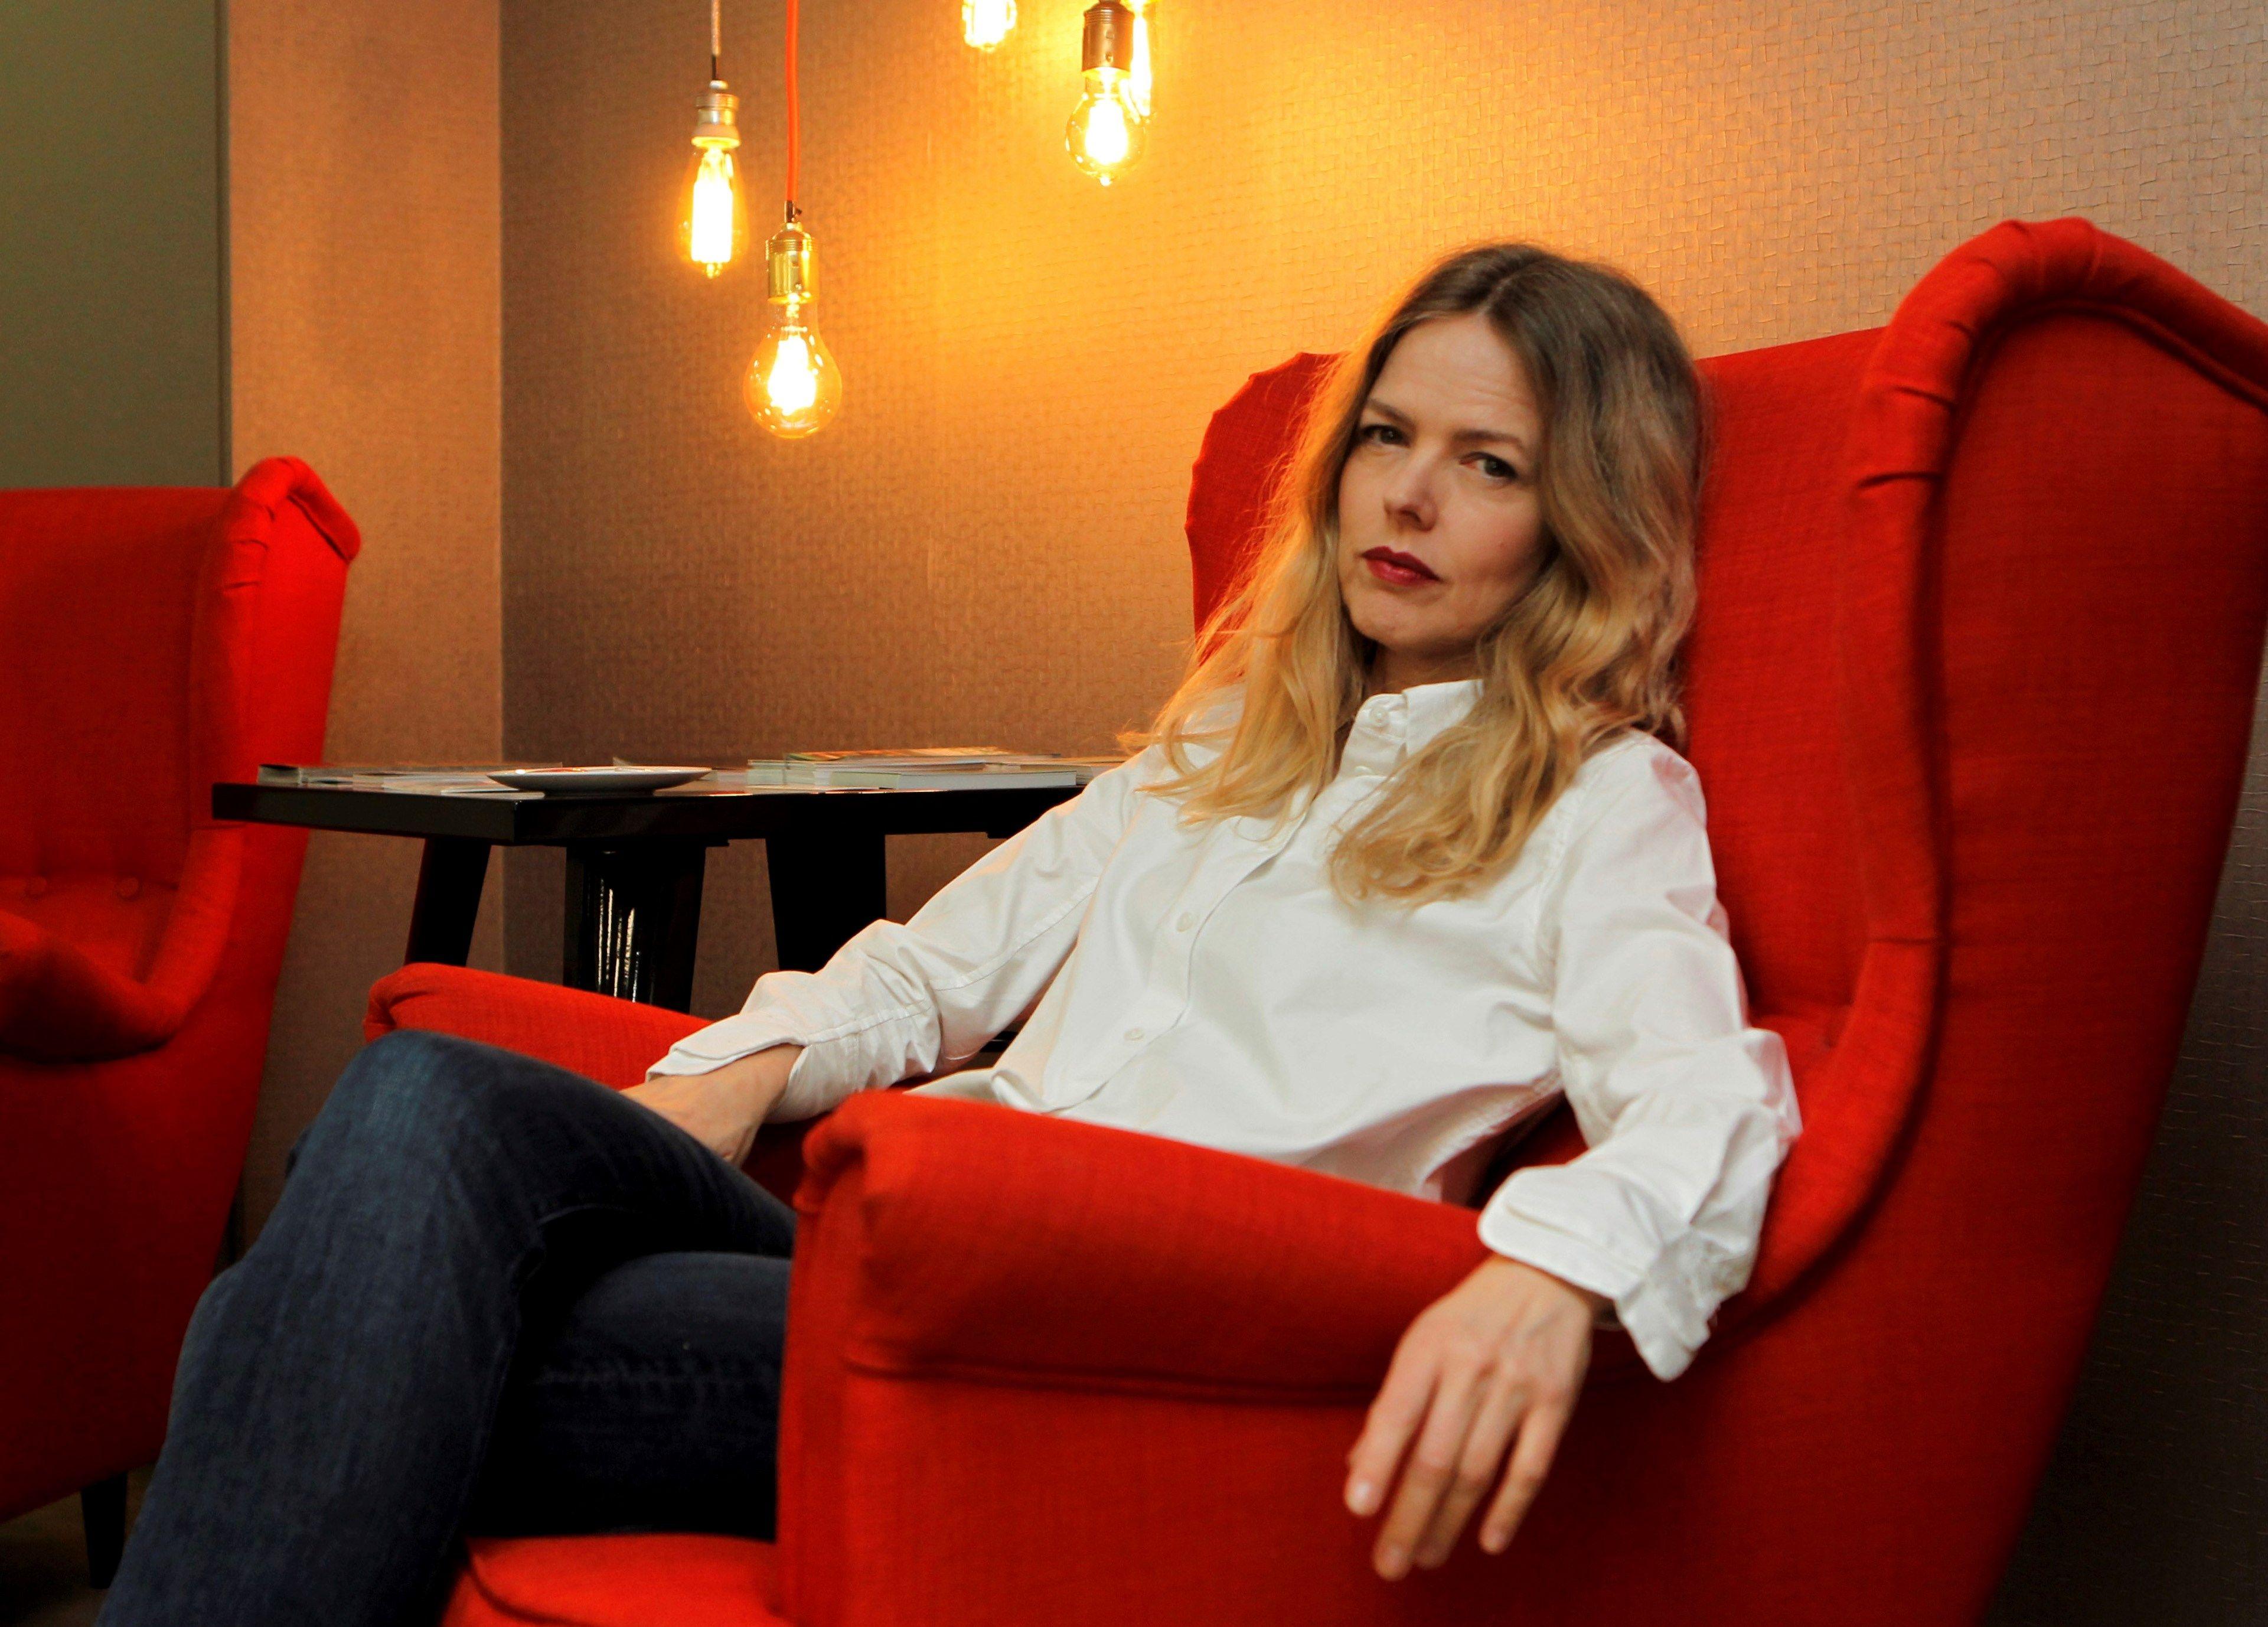 GRAF4222. MADRID, 02/04/2019.- Christina Rosenvinge, la artista que emigró a EE.UU. tras toparse en España con la incomprensión de sus primeros discos, vive 20 años después un momento de celebración personal y ajena, materializado en el Premio Nacional de Músicas Actuales 2018, el reciente Premio MIN al mejor disco de pop y su debut literario. EFE/ Paolo Aguilar